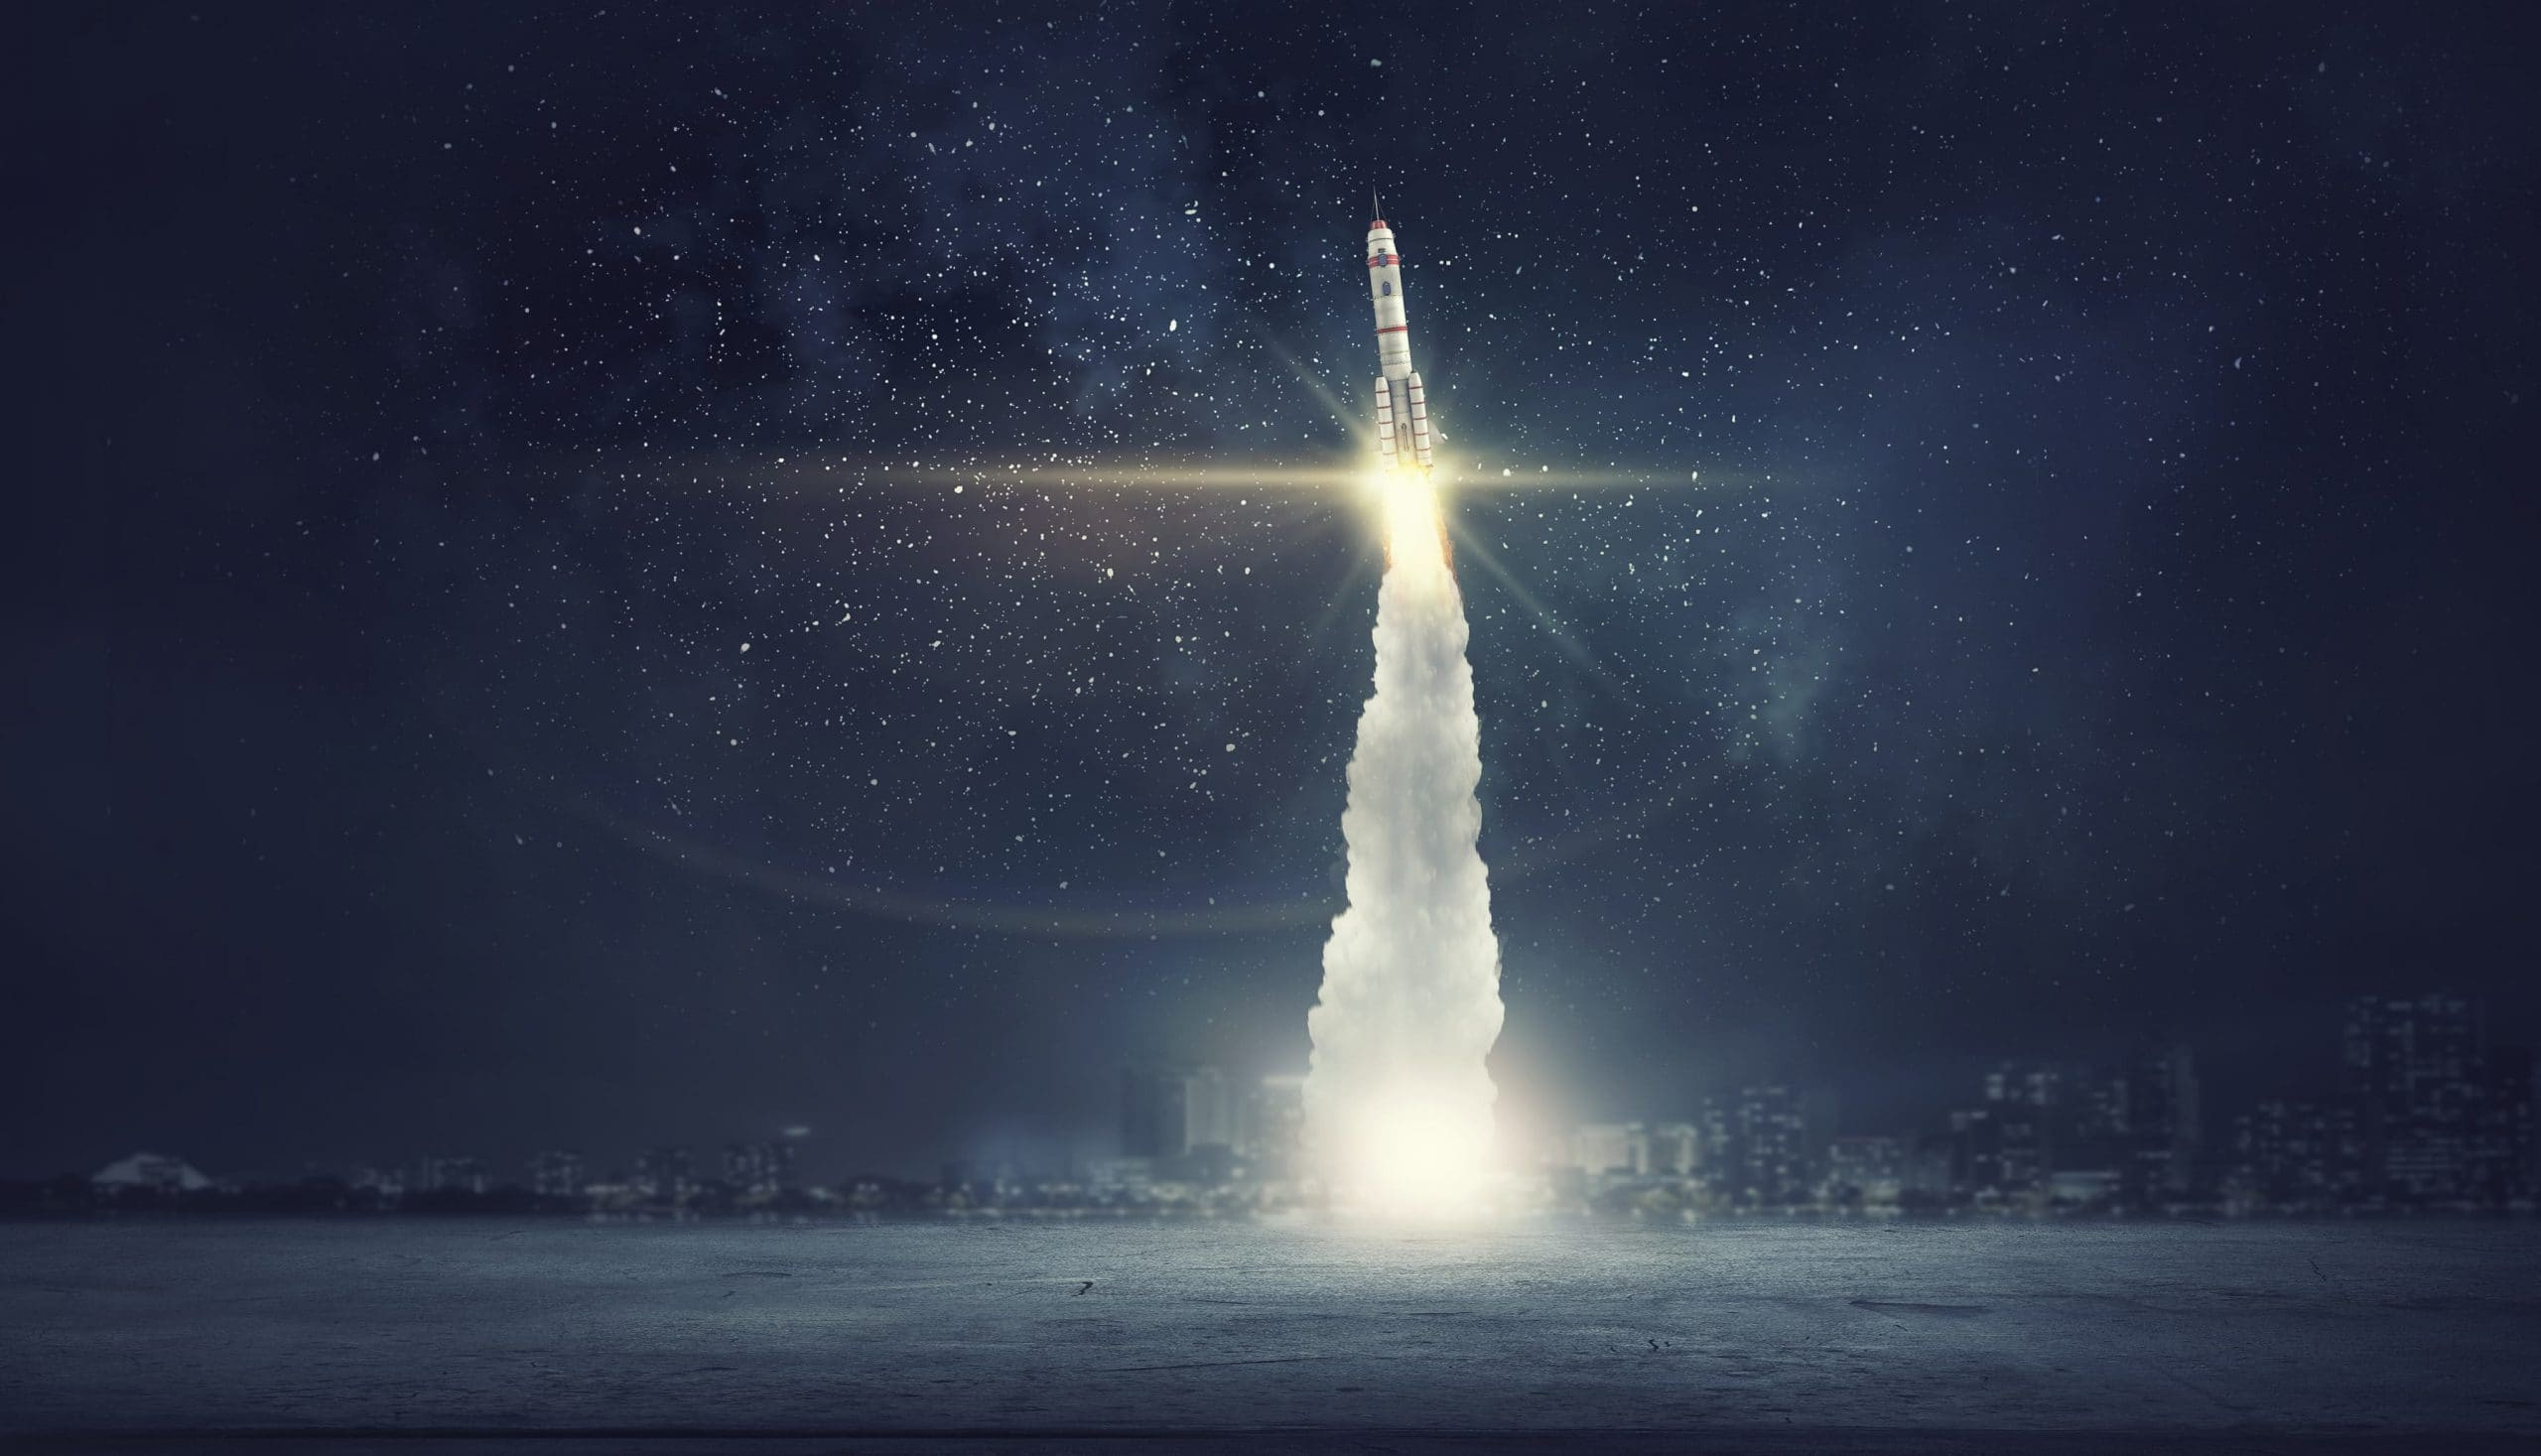 Rakete fliegt in die Stratosphäre und zieht lange, dicke Rauchschwaden hinter sich her.